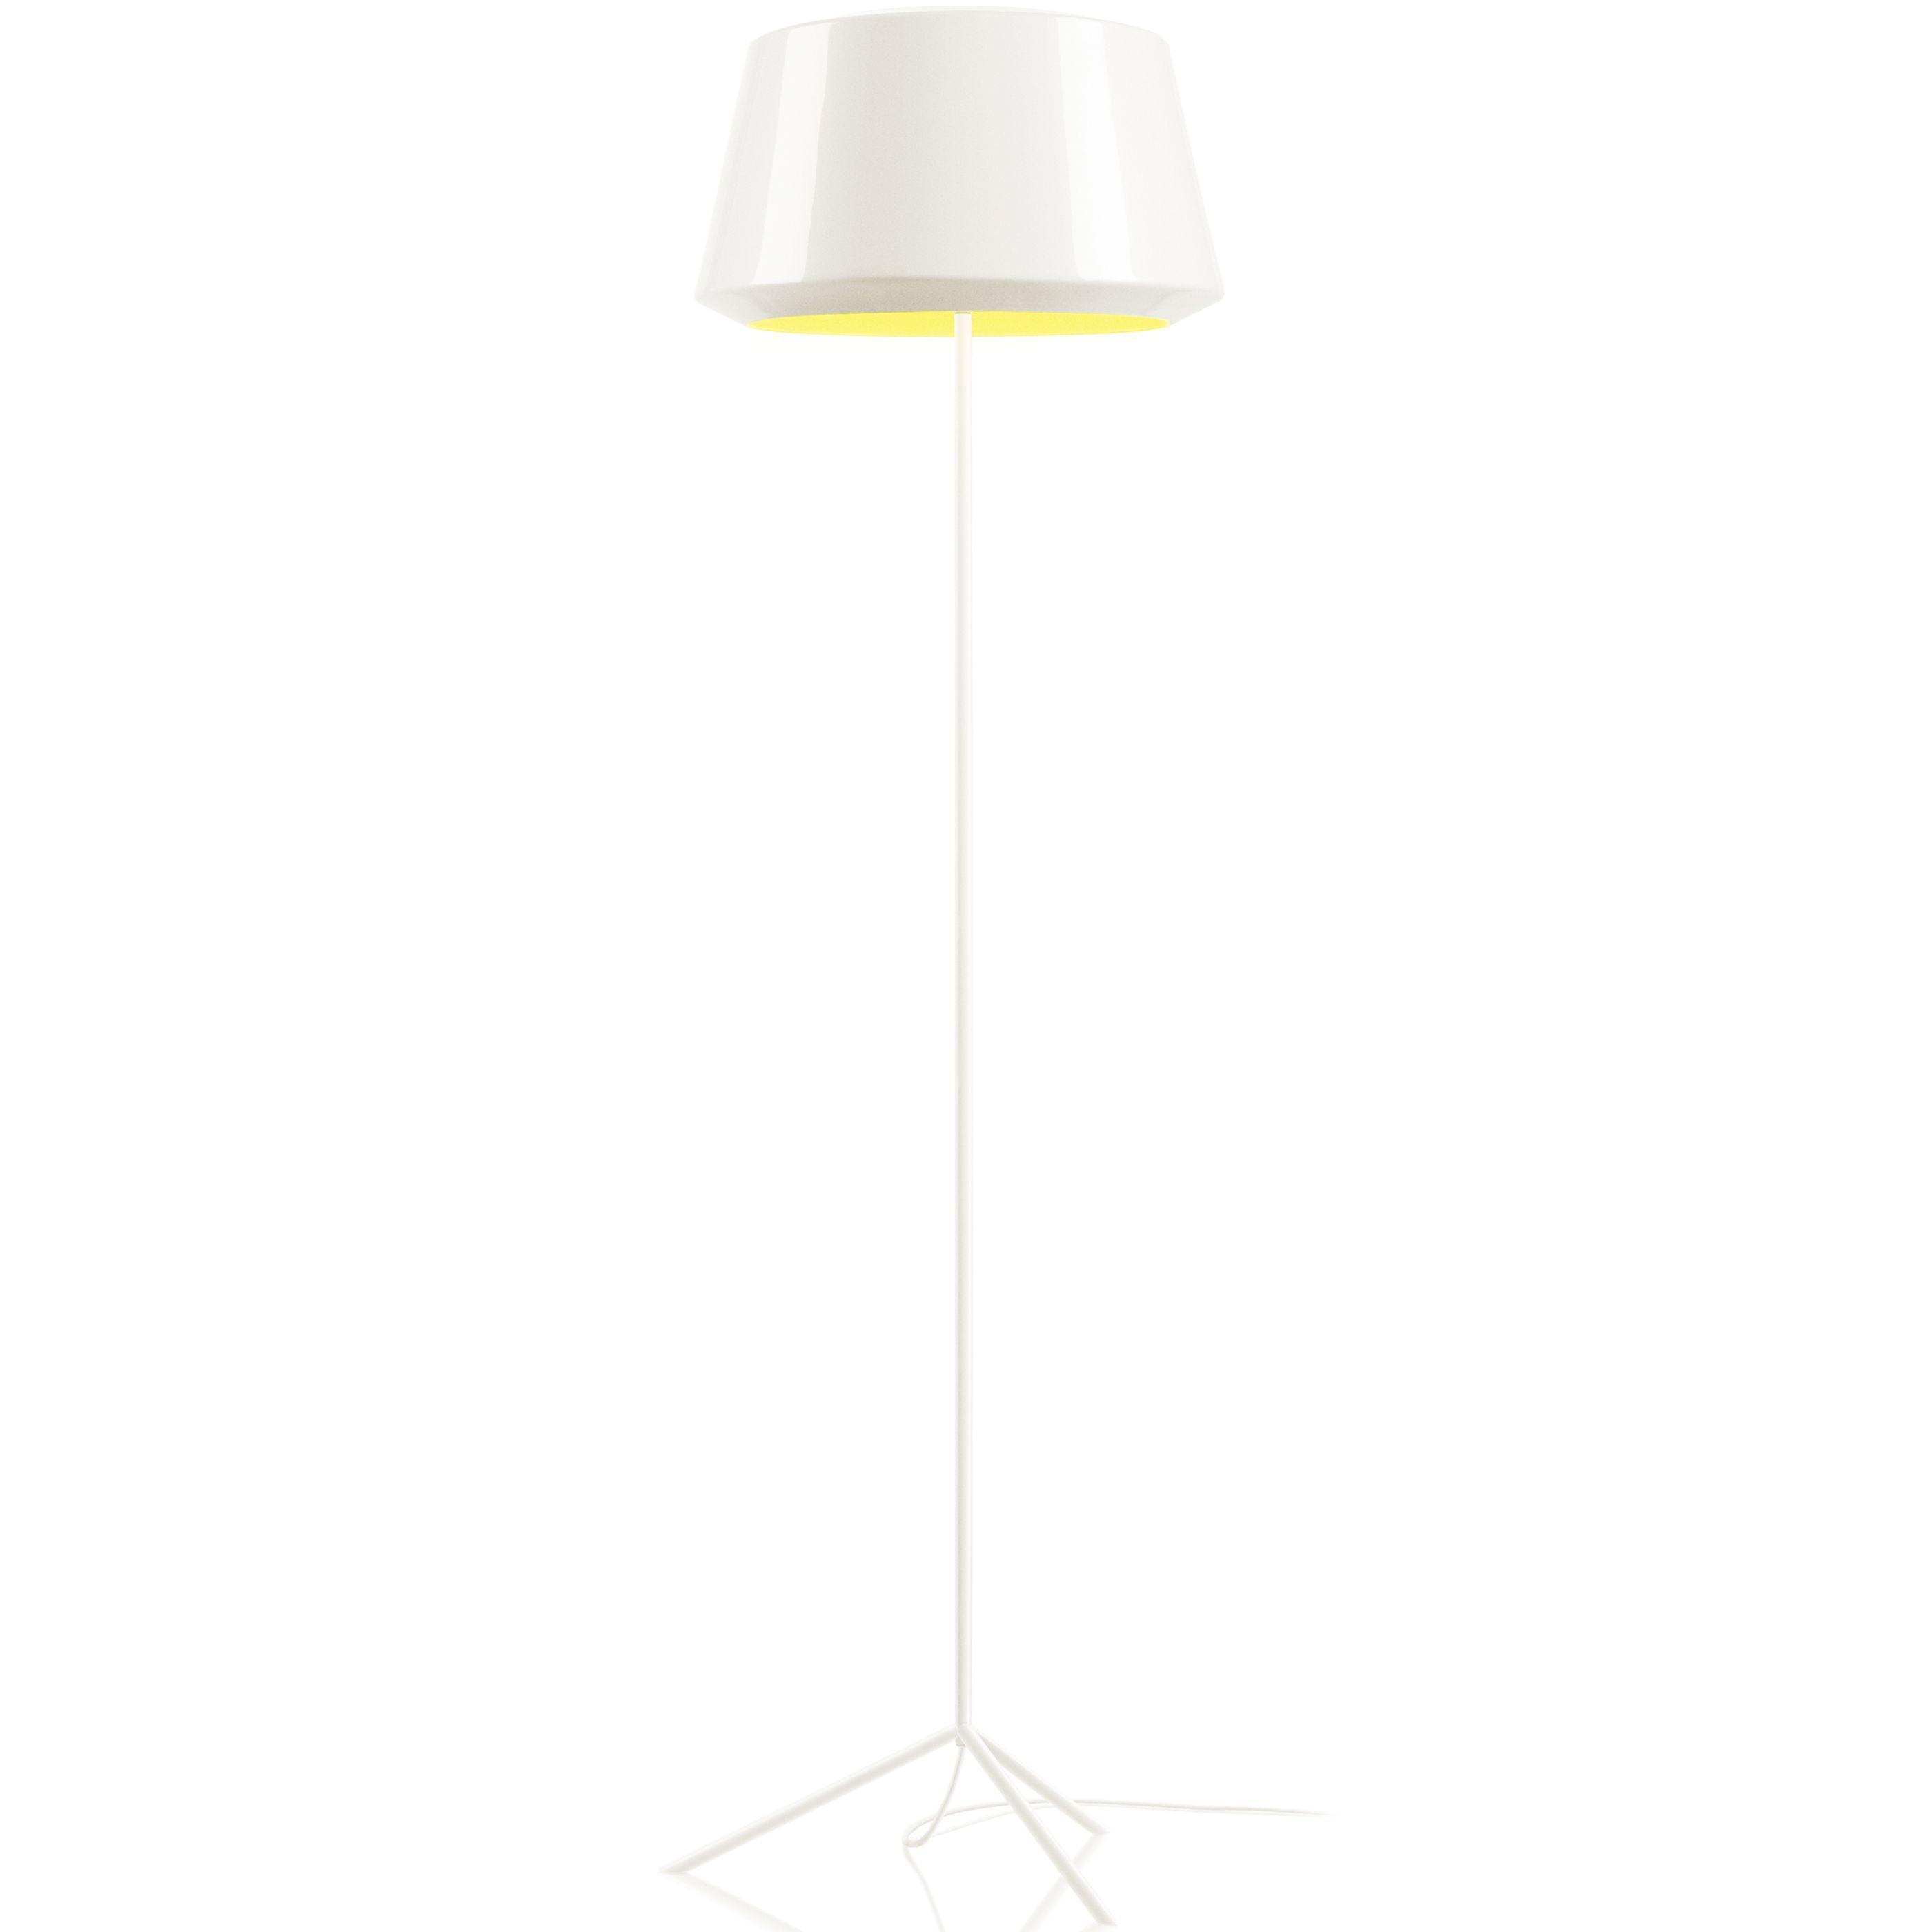 Zero Can vloerlamp wit/geel